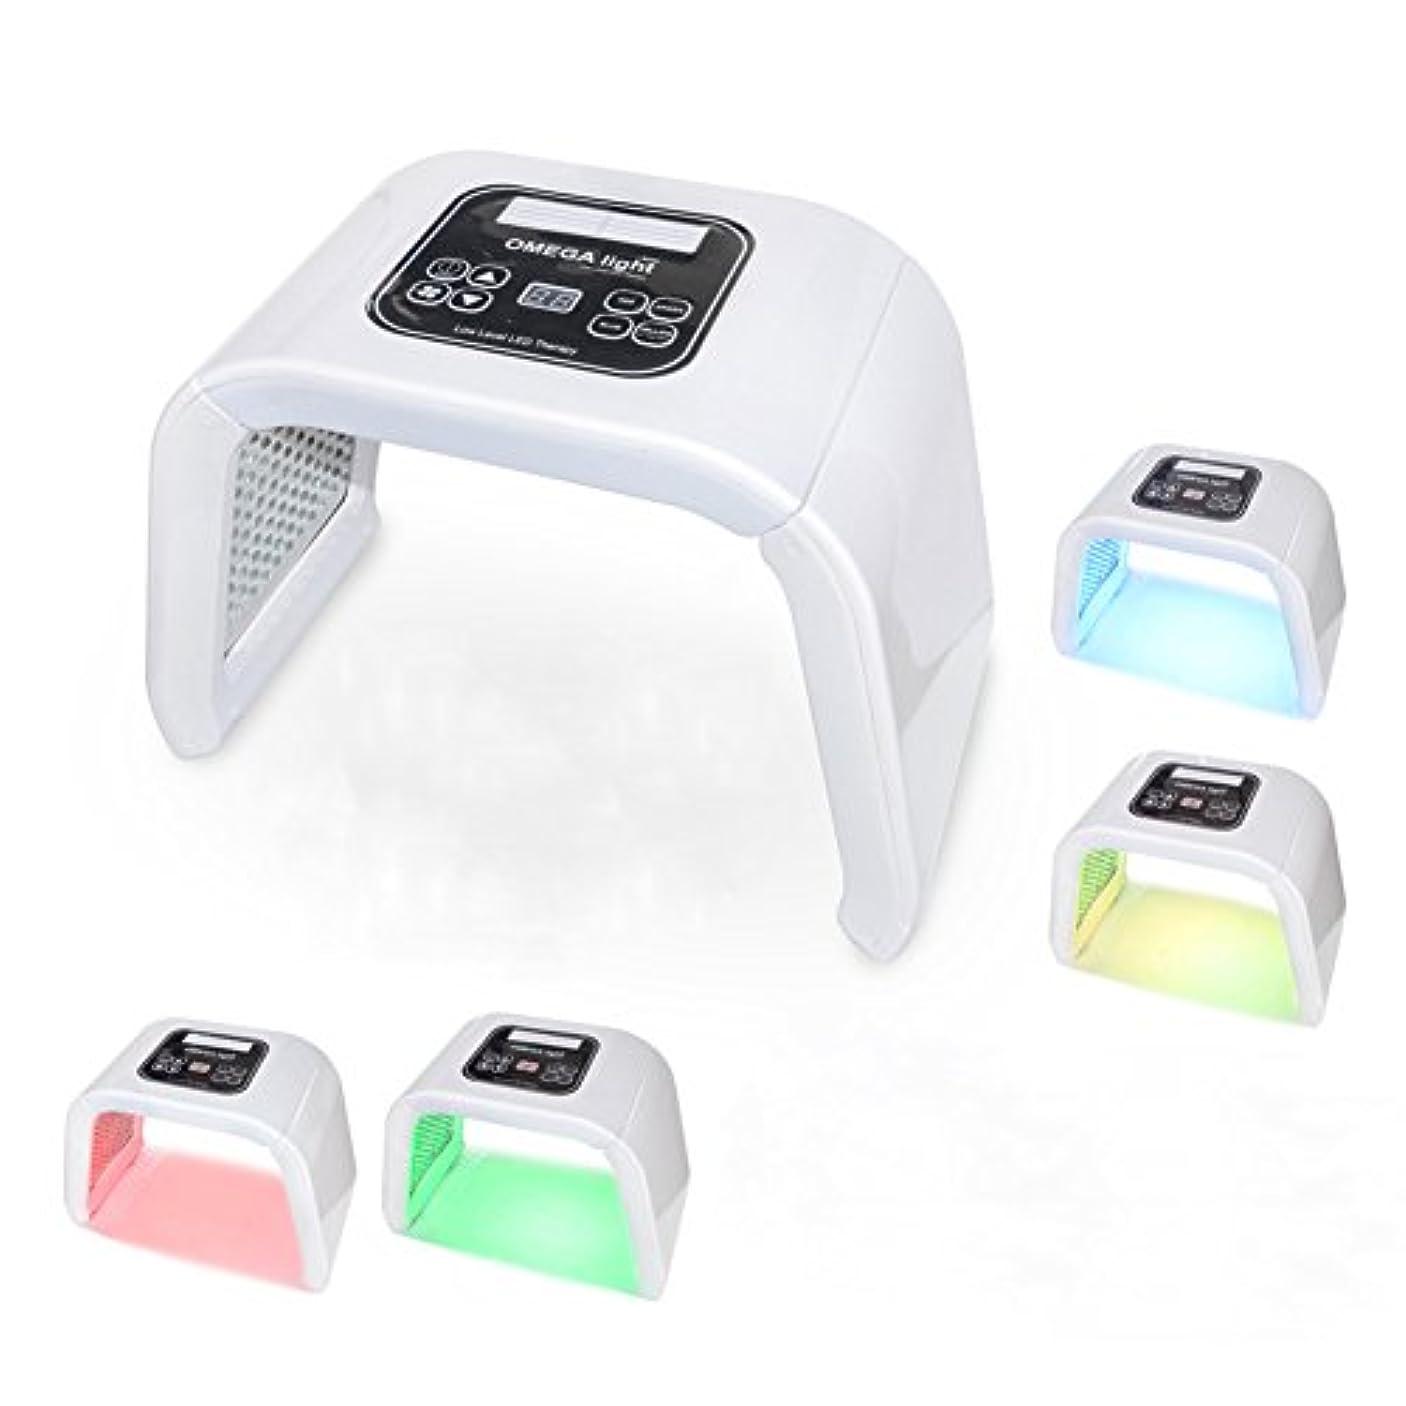 交換自殺はっきりしない光子の若返り機械携帯用4色LEDの反老化の美の器械,White